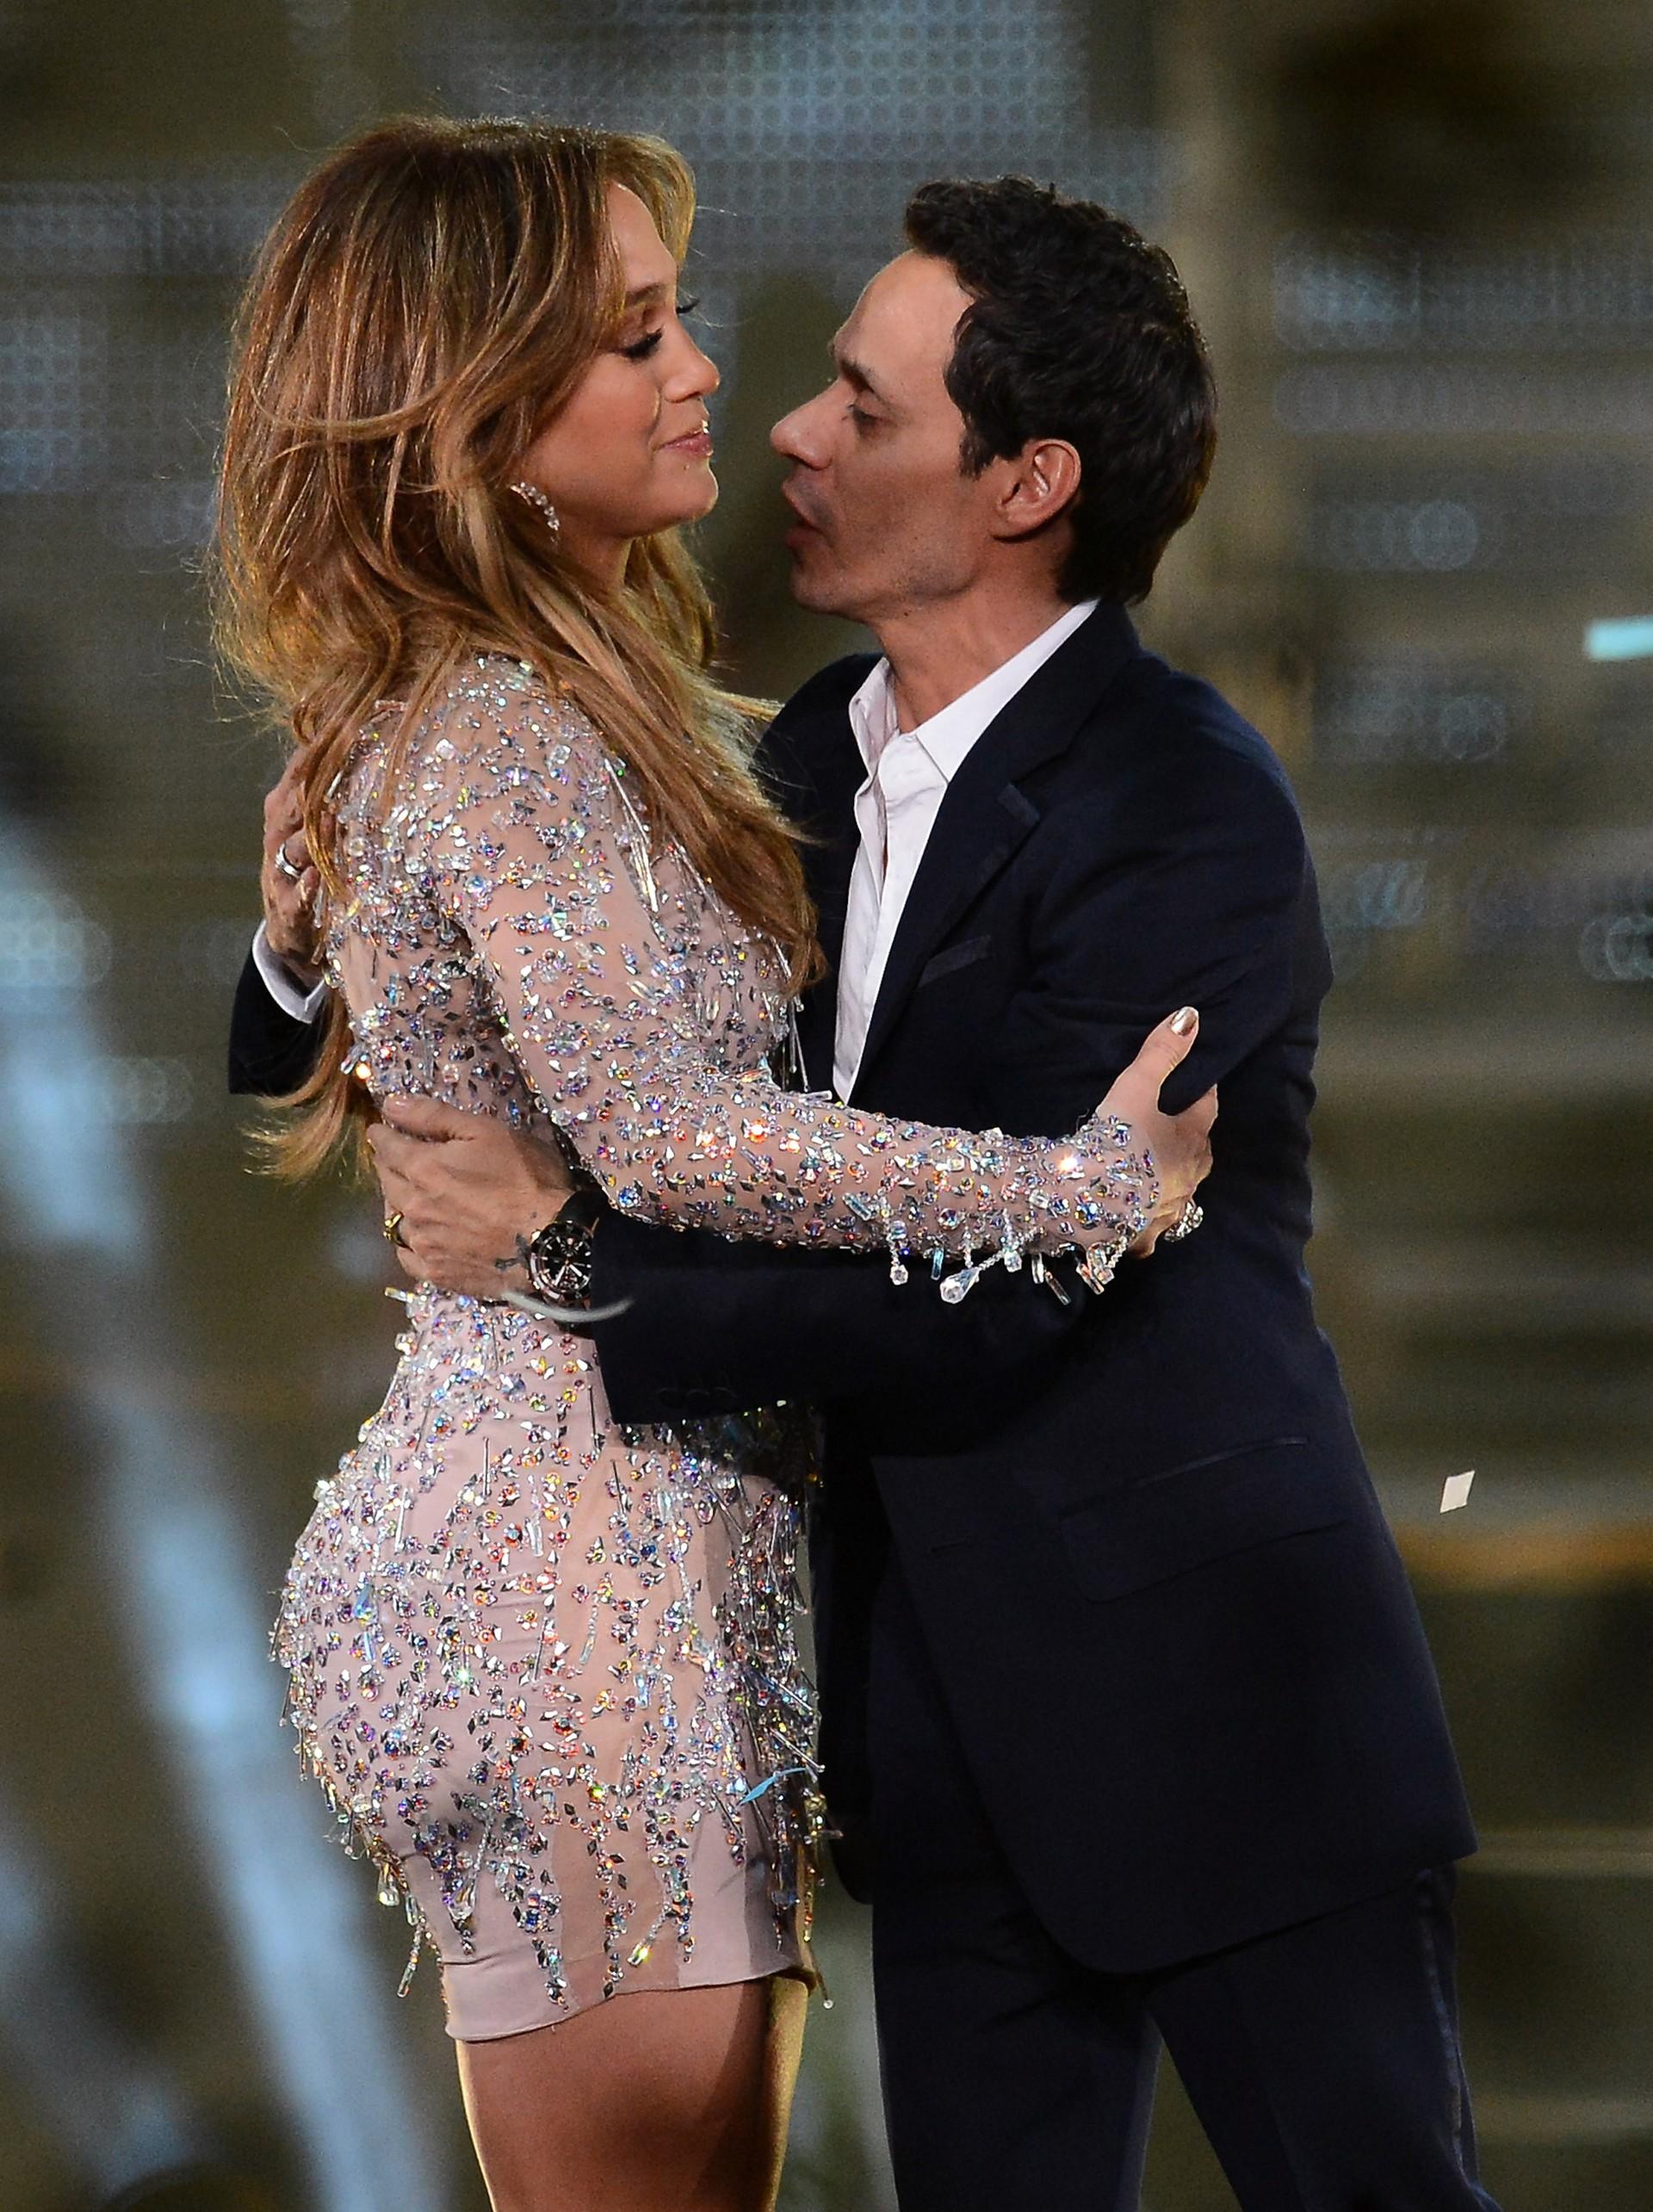 Ao contrário de outros casais de celebridades, essa dupla parece ter se separado de maneira bastante amigável. O rompimento, em julho de 2011, não os impediu de trabalharem juntos no programa de TV 'Q'Viva!', uma competição que busca novos talentos latinos.  (Foto: Getty Images)